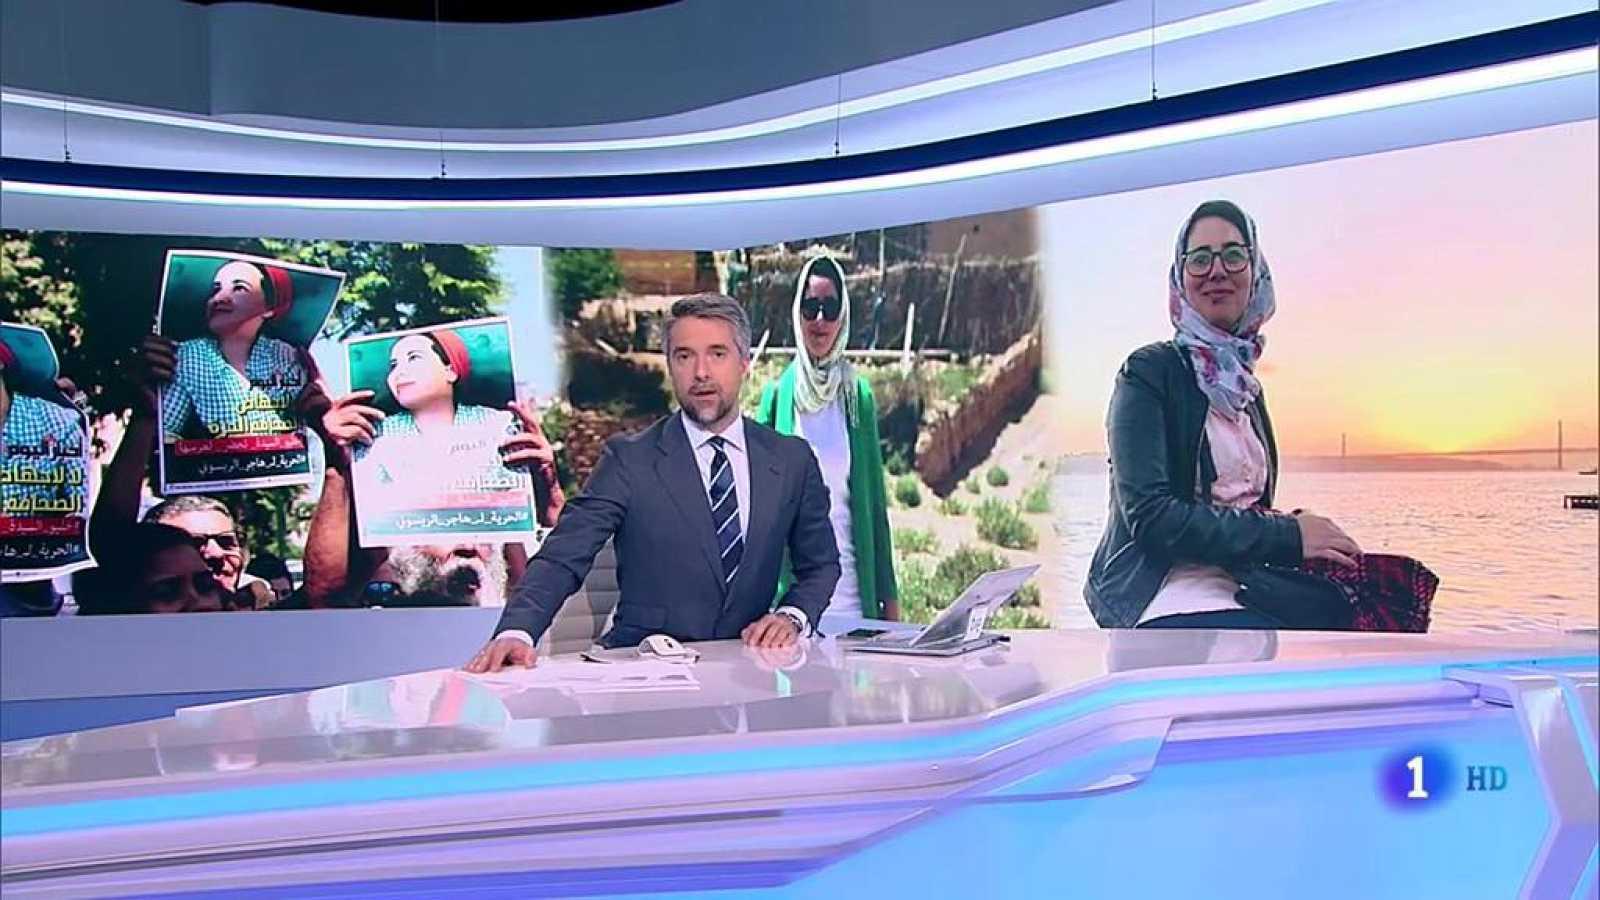 Un año de cárcel a una periodista marroquí por abortar y mantener relaciones sexuales sin estar casada